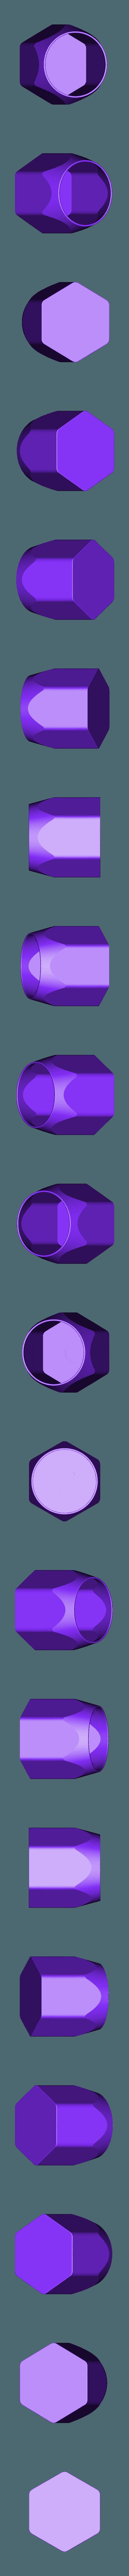 3.stl Télécharger fichier STL gratuit Pot à crayons • Design pour imprimante 3D, Ruvimkub